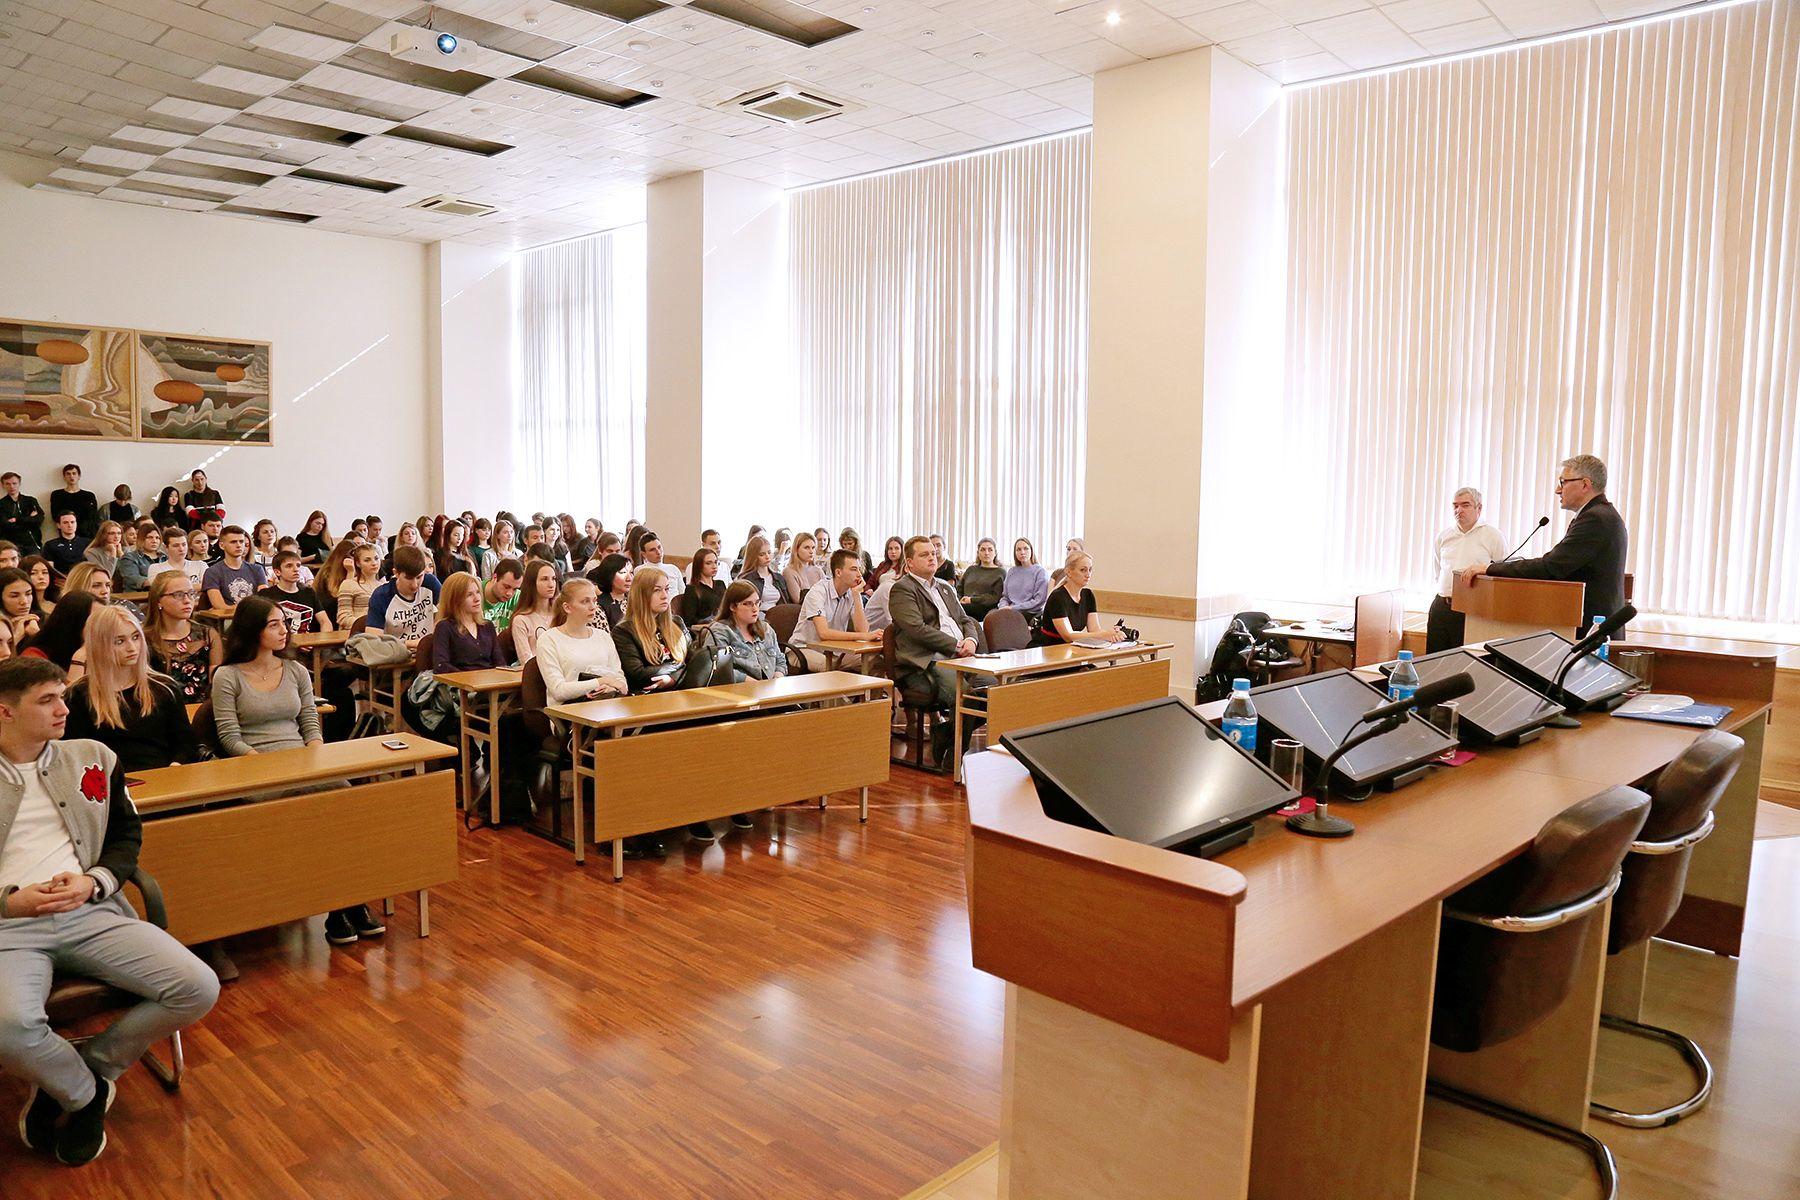 Студенты ВГУЭС узнали, как грамотно инвестировать